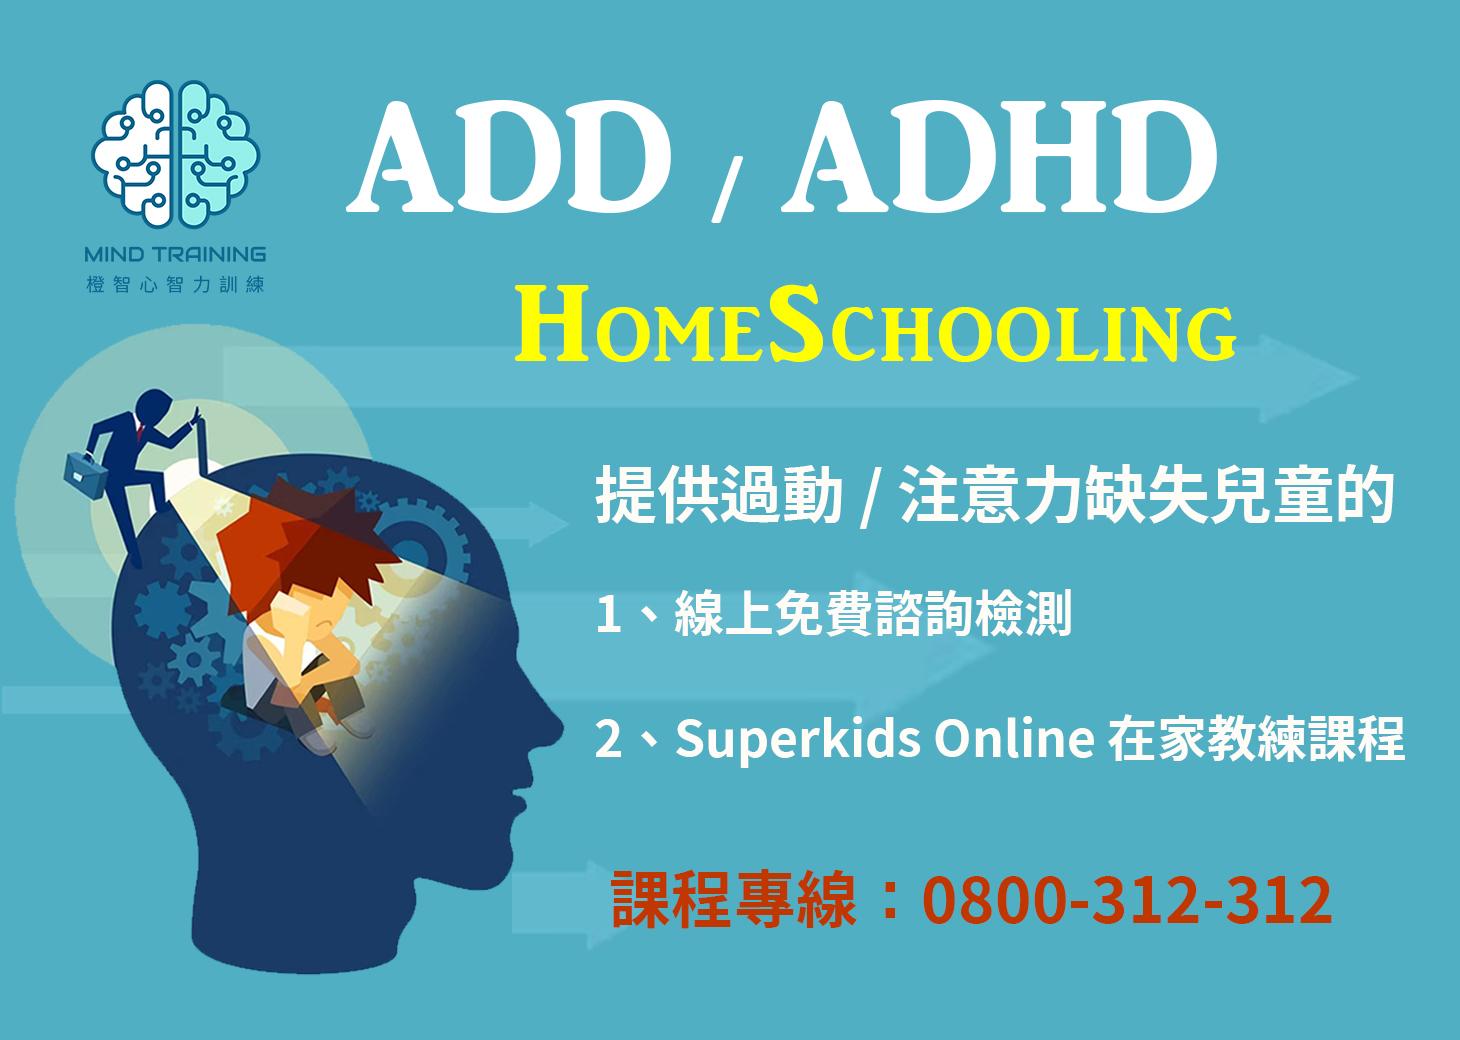 ADD/ADHDHomeSchooling過動/注意力缺失兒童在家教練課程